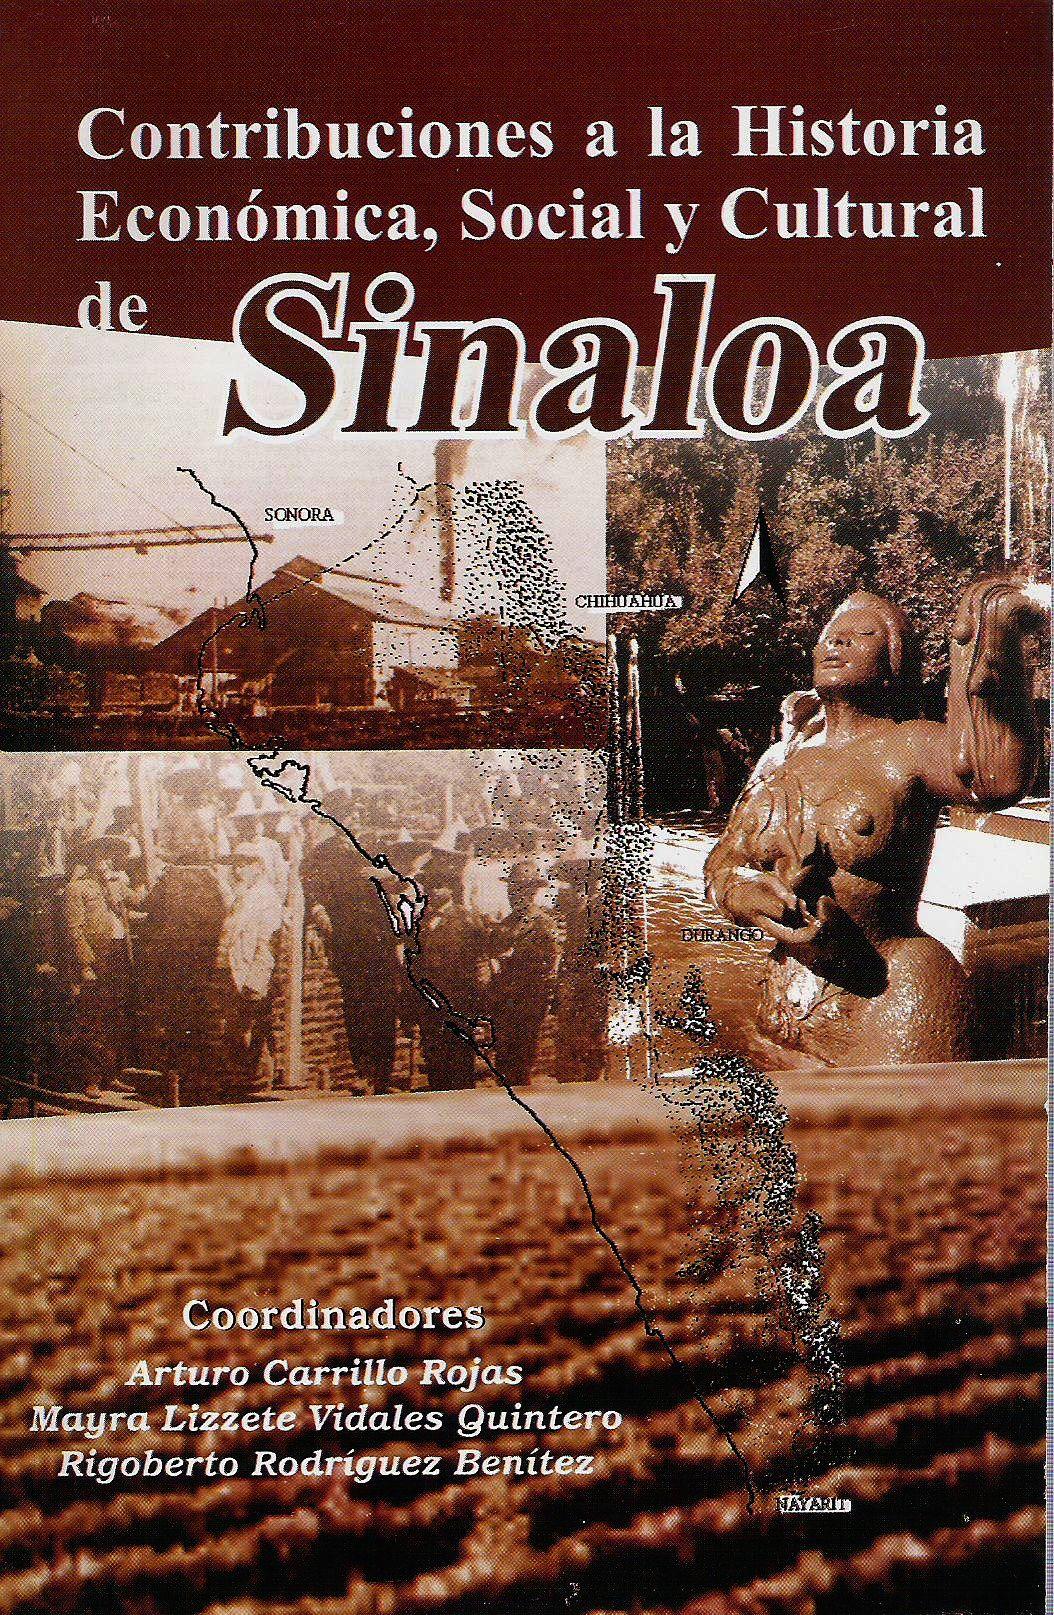 Contribuciones a la Historia econ¢mica, social y cultural de Sinaloa